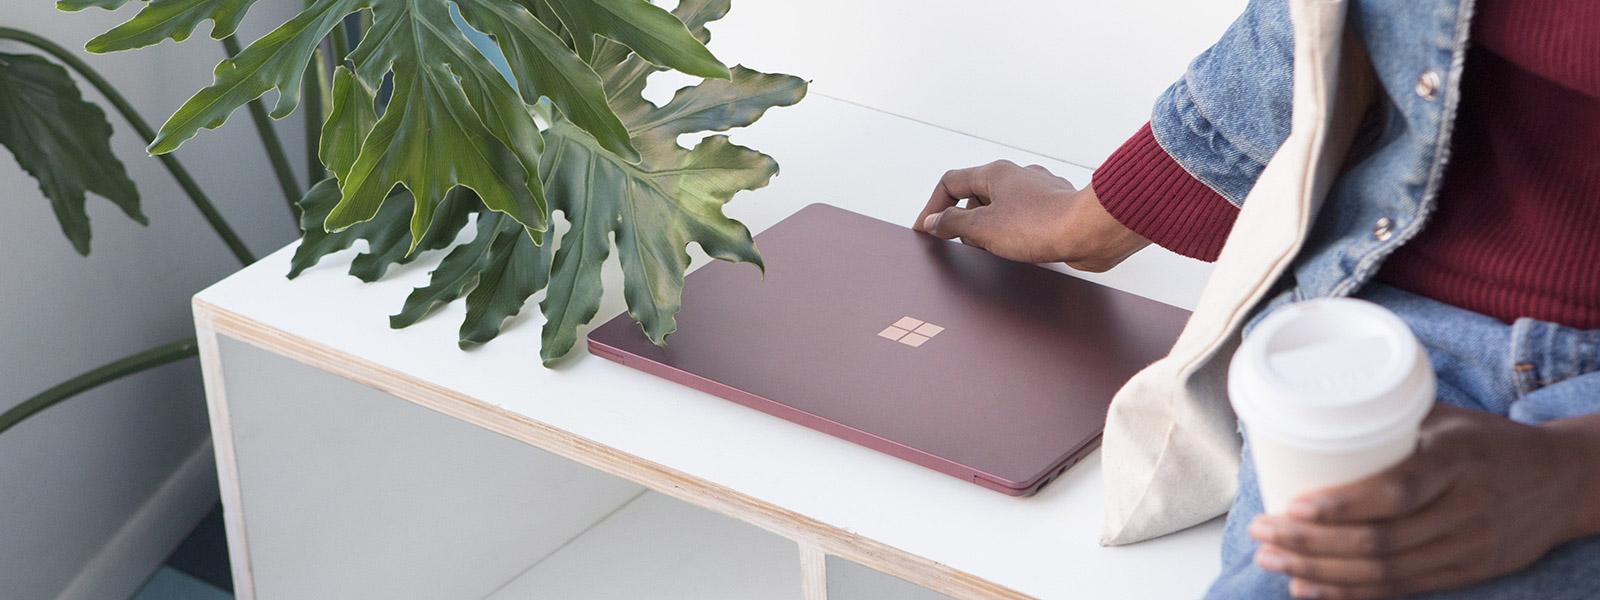 一個人在海灘,在太陽下使用 Surface Laptop 工作的影像。